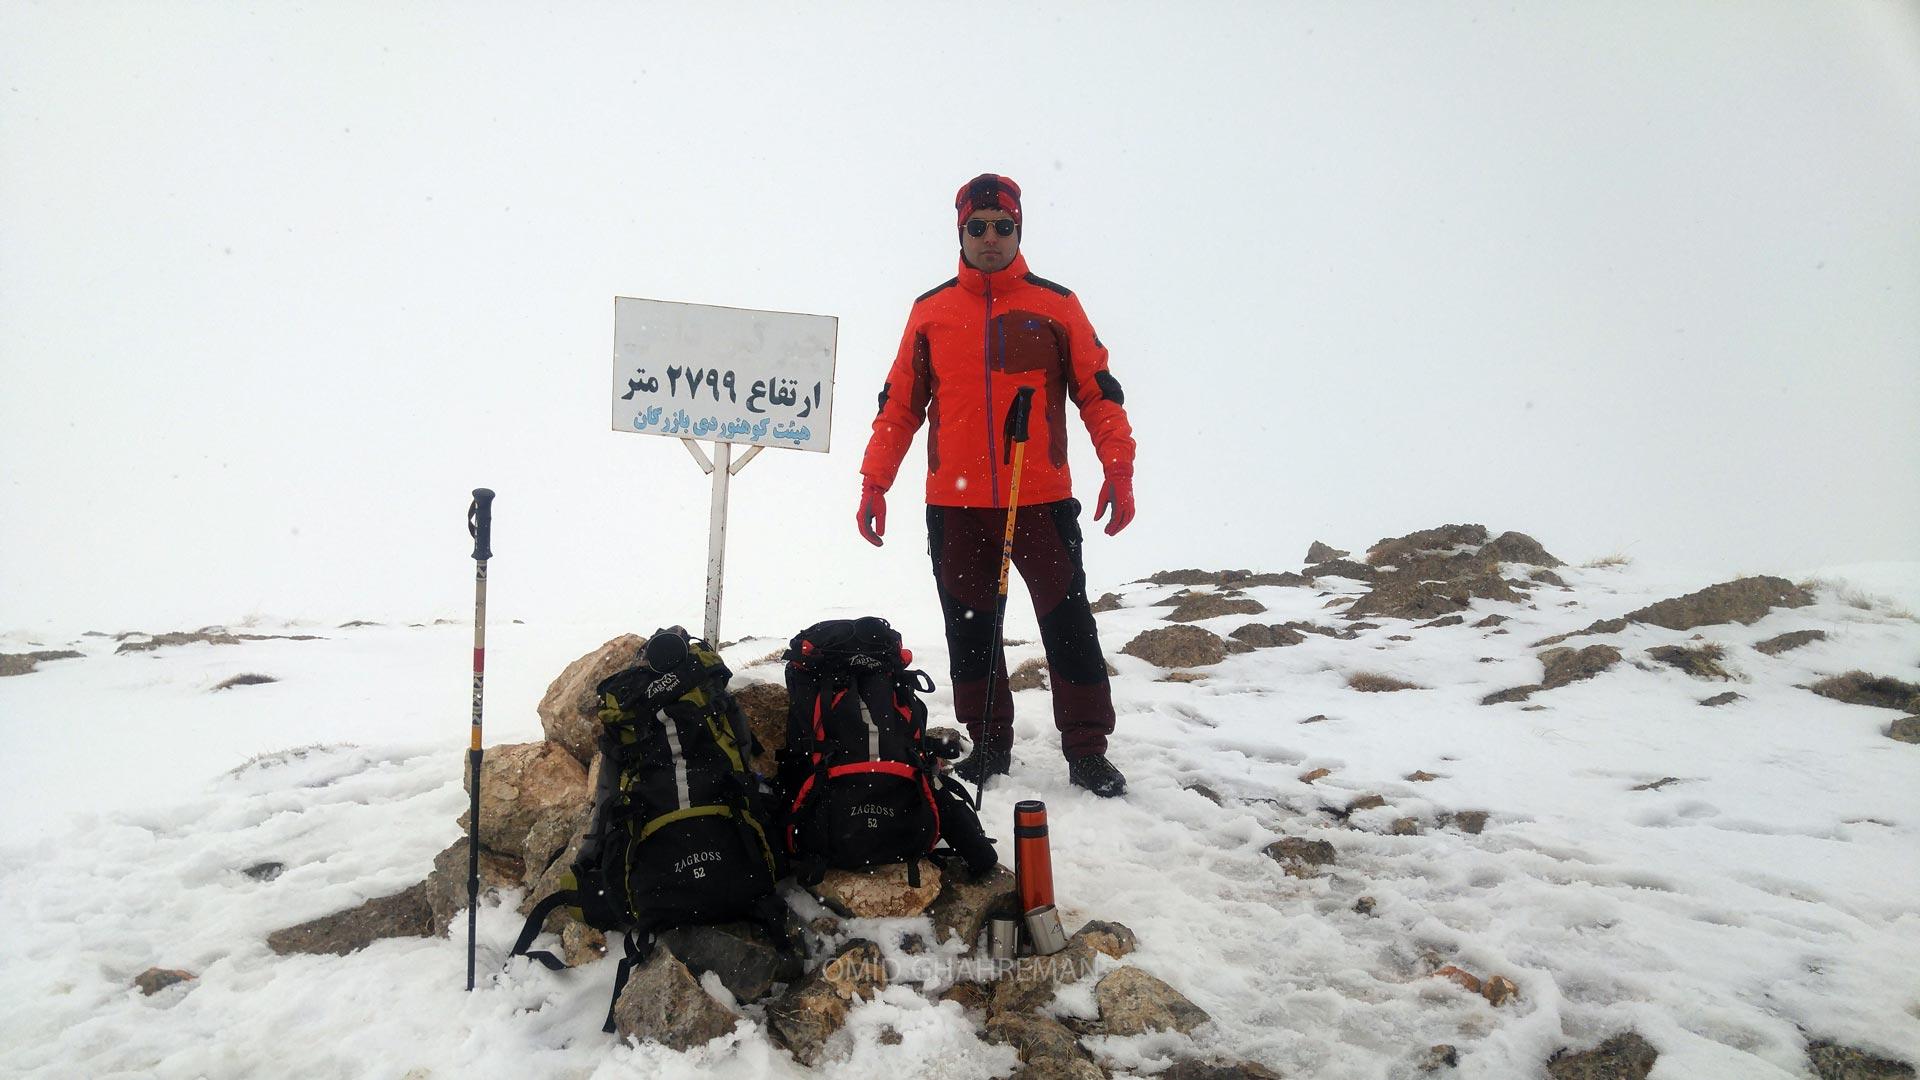 کوه چرکین و رد پای زمستان